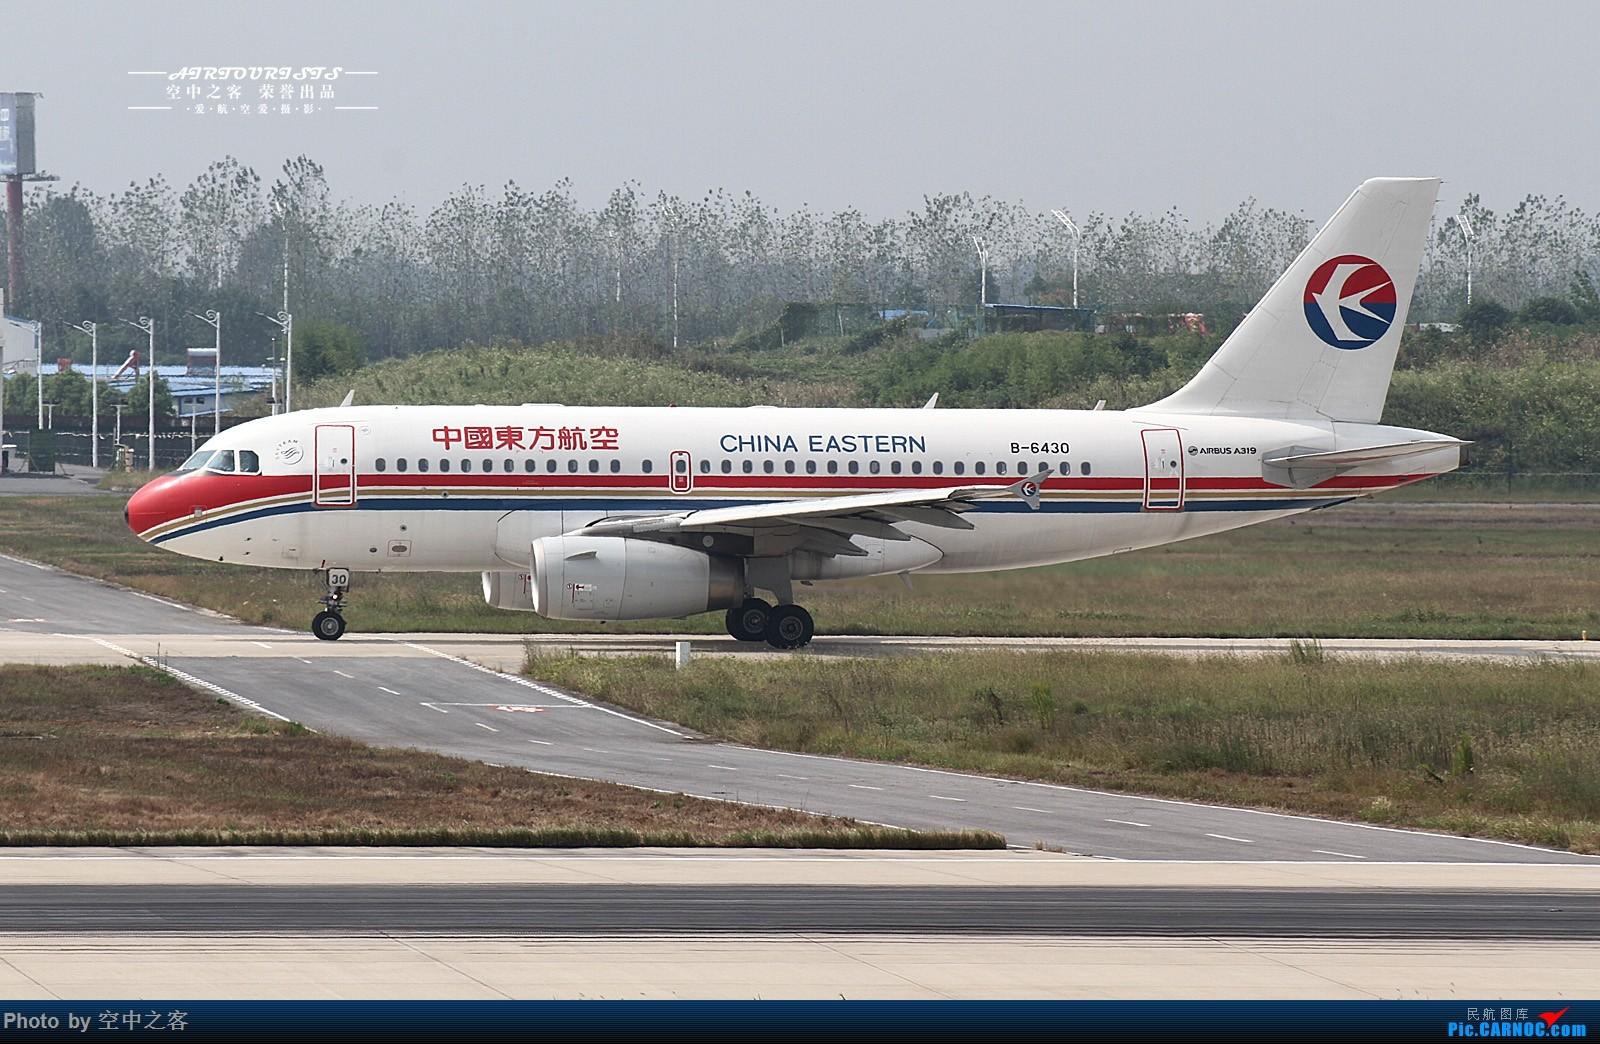 Re:[原创][合肥飞友会·霸都打机队 空中之客出品]国庆假期桥机场33跑道找了个新位置 AIRBUS A319-100 B-6430 合肥新桥国际机场